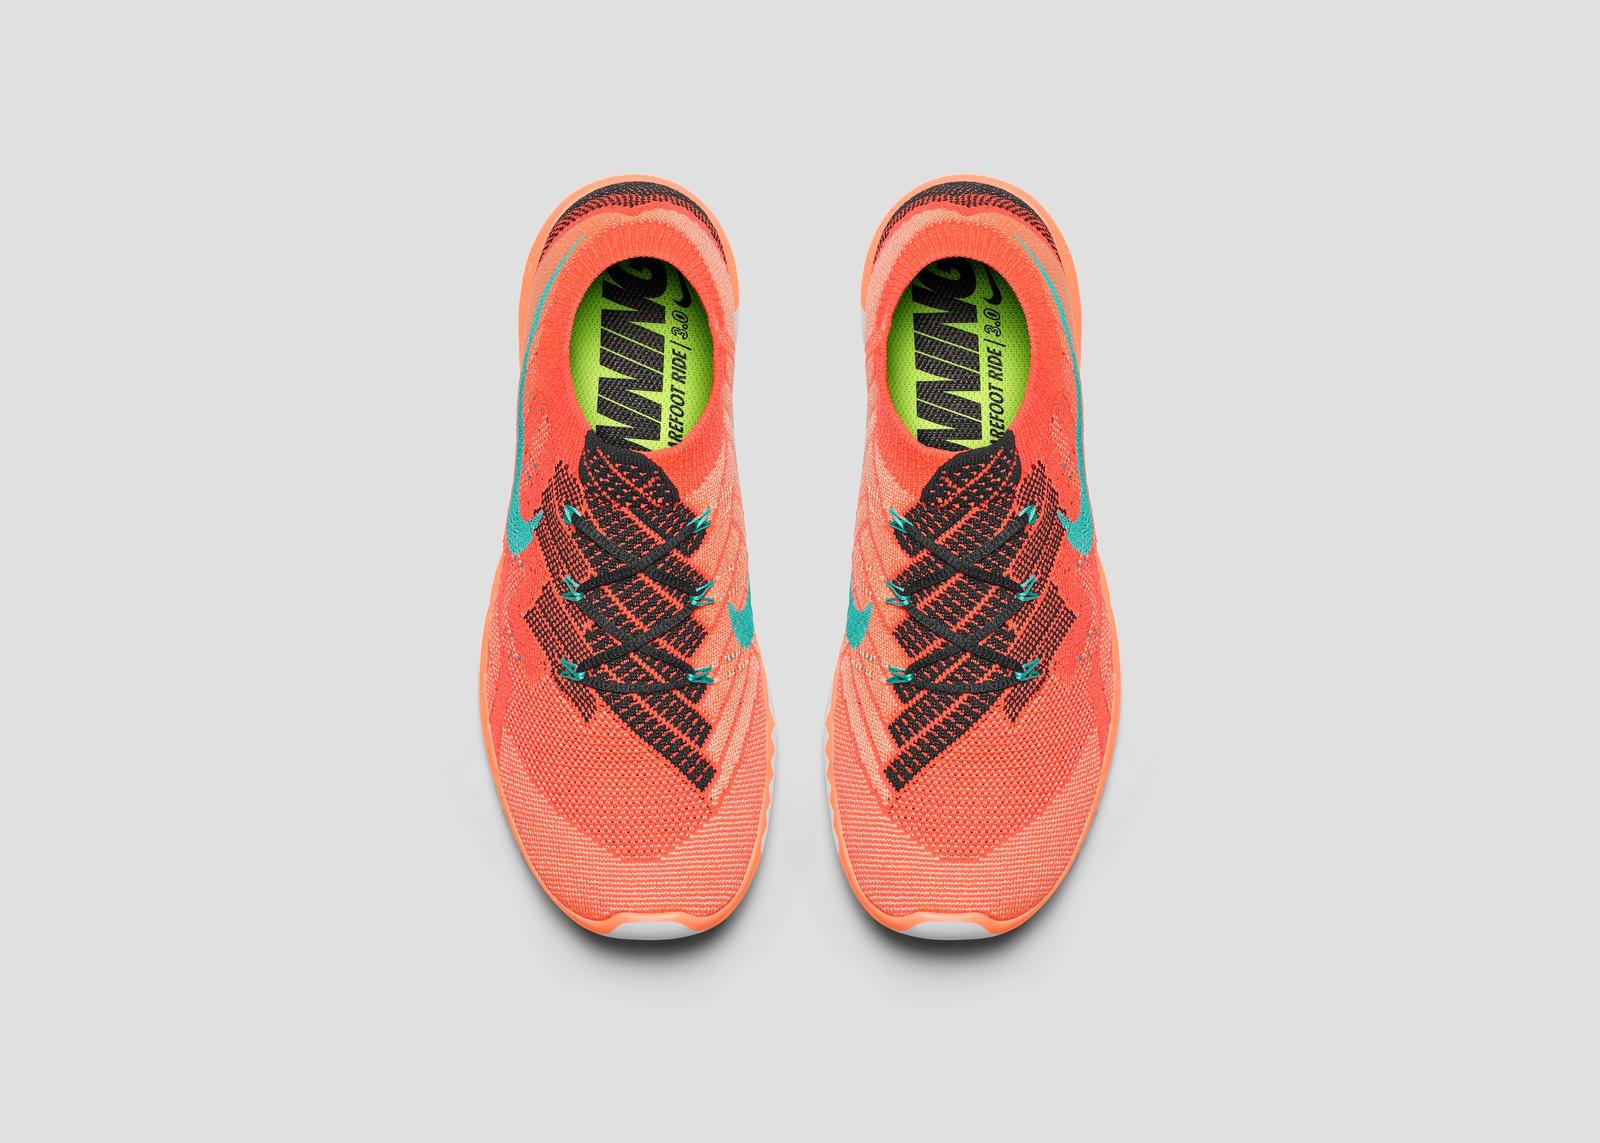 SU15_W_NikeFree_5_0_Pair_Heel_39244_porto 28